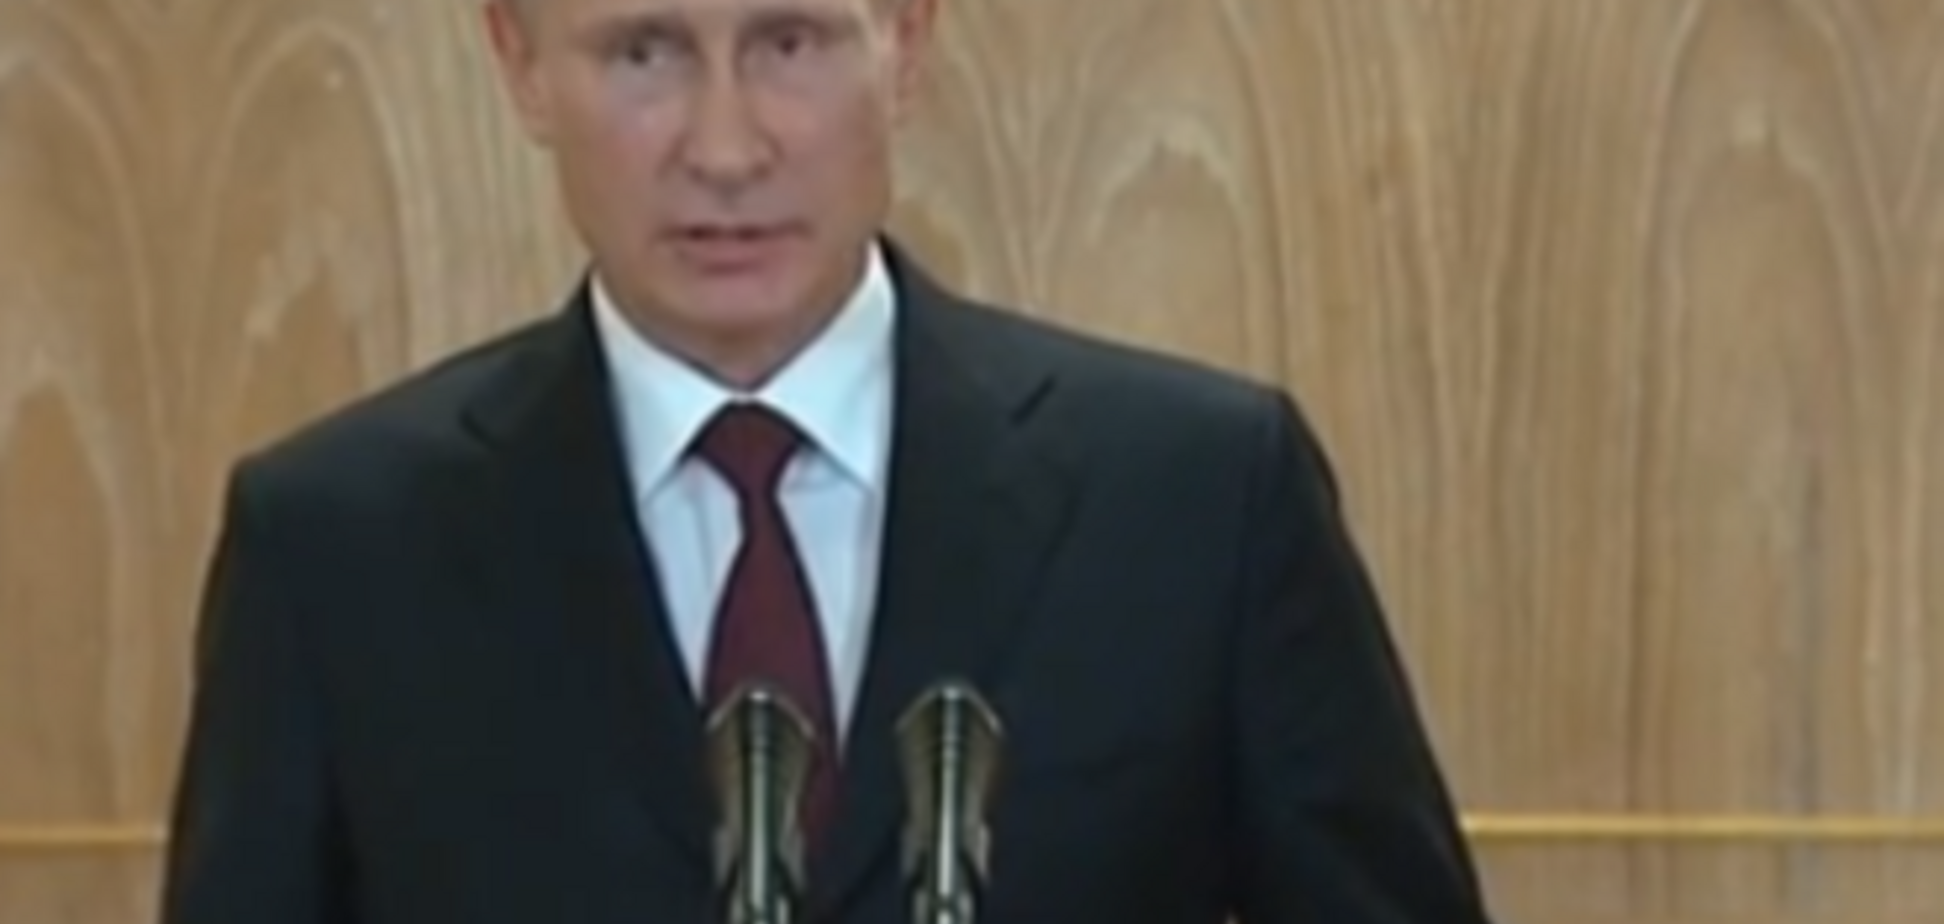 Росія не даватиме Україні газ в борг: відео прес-конференції Путіна за підсумками двосторонньої зустрічі в Мілані